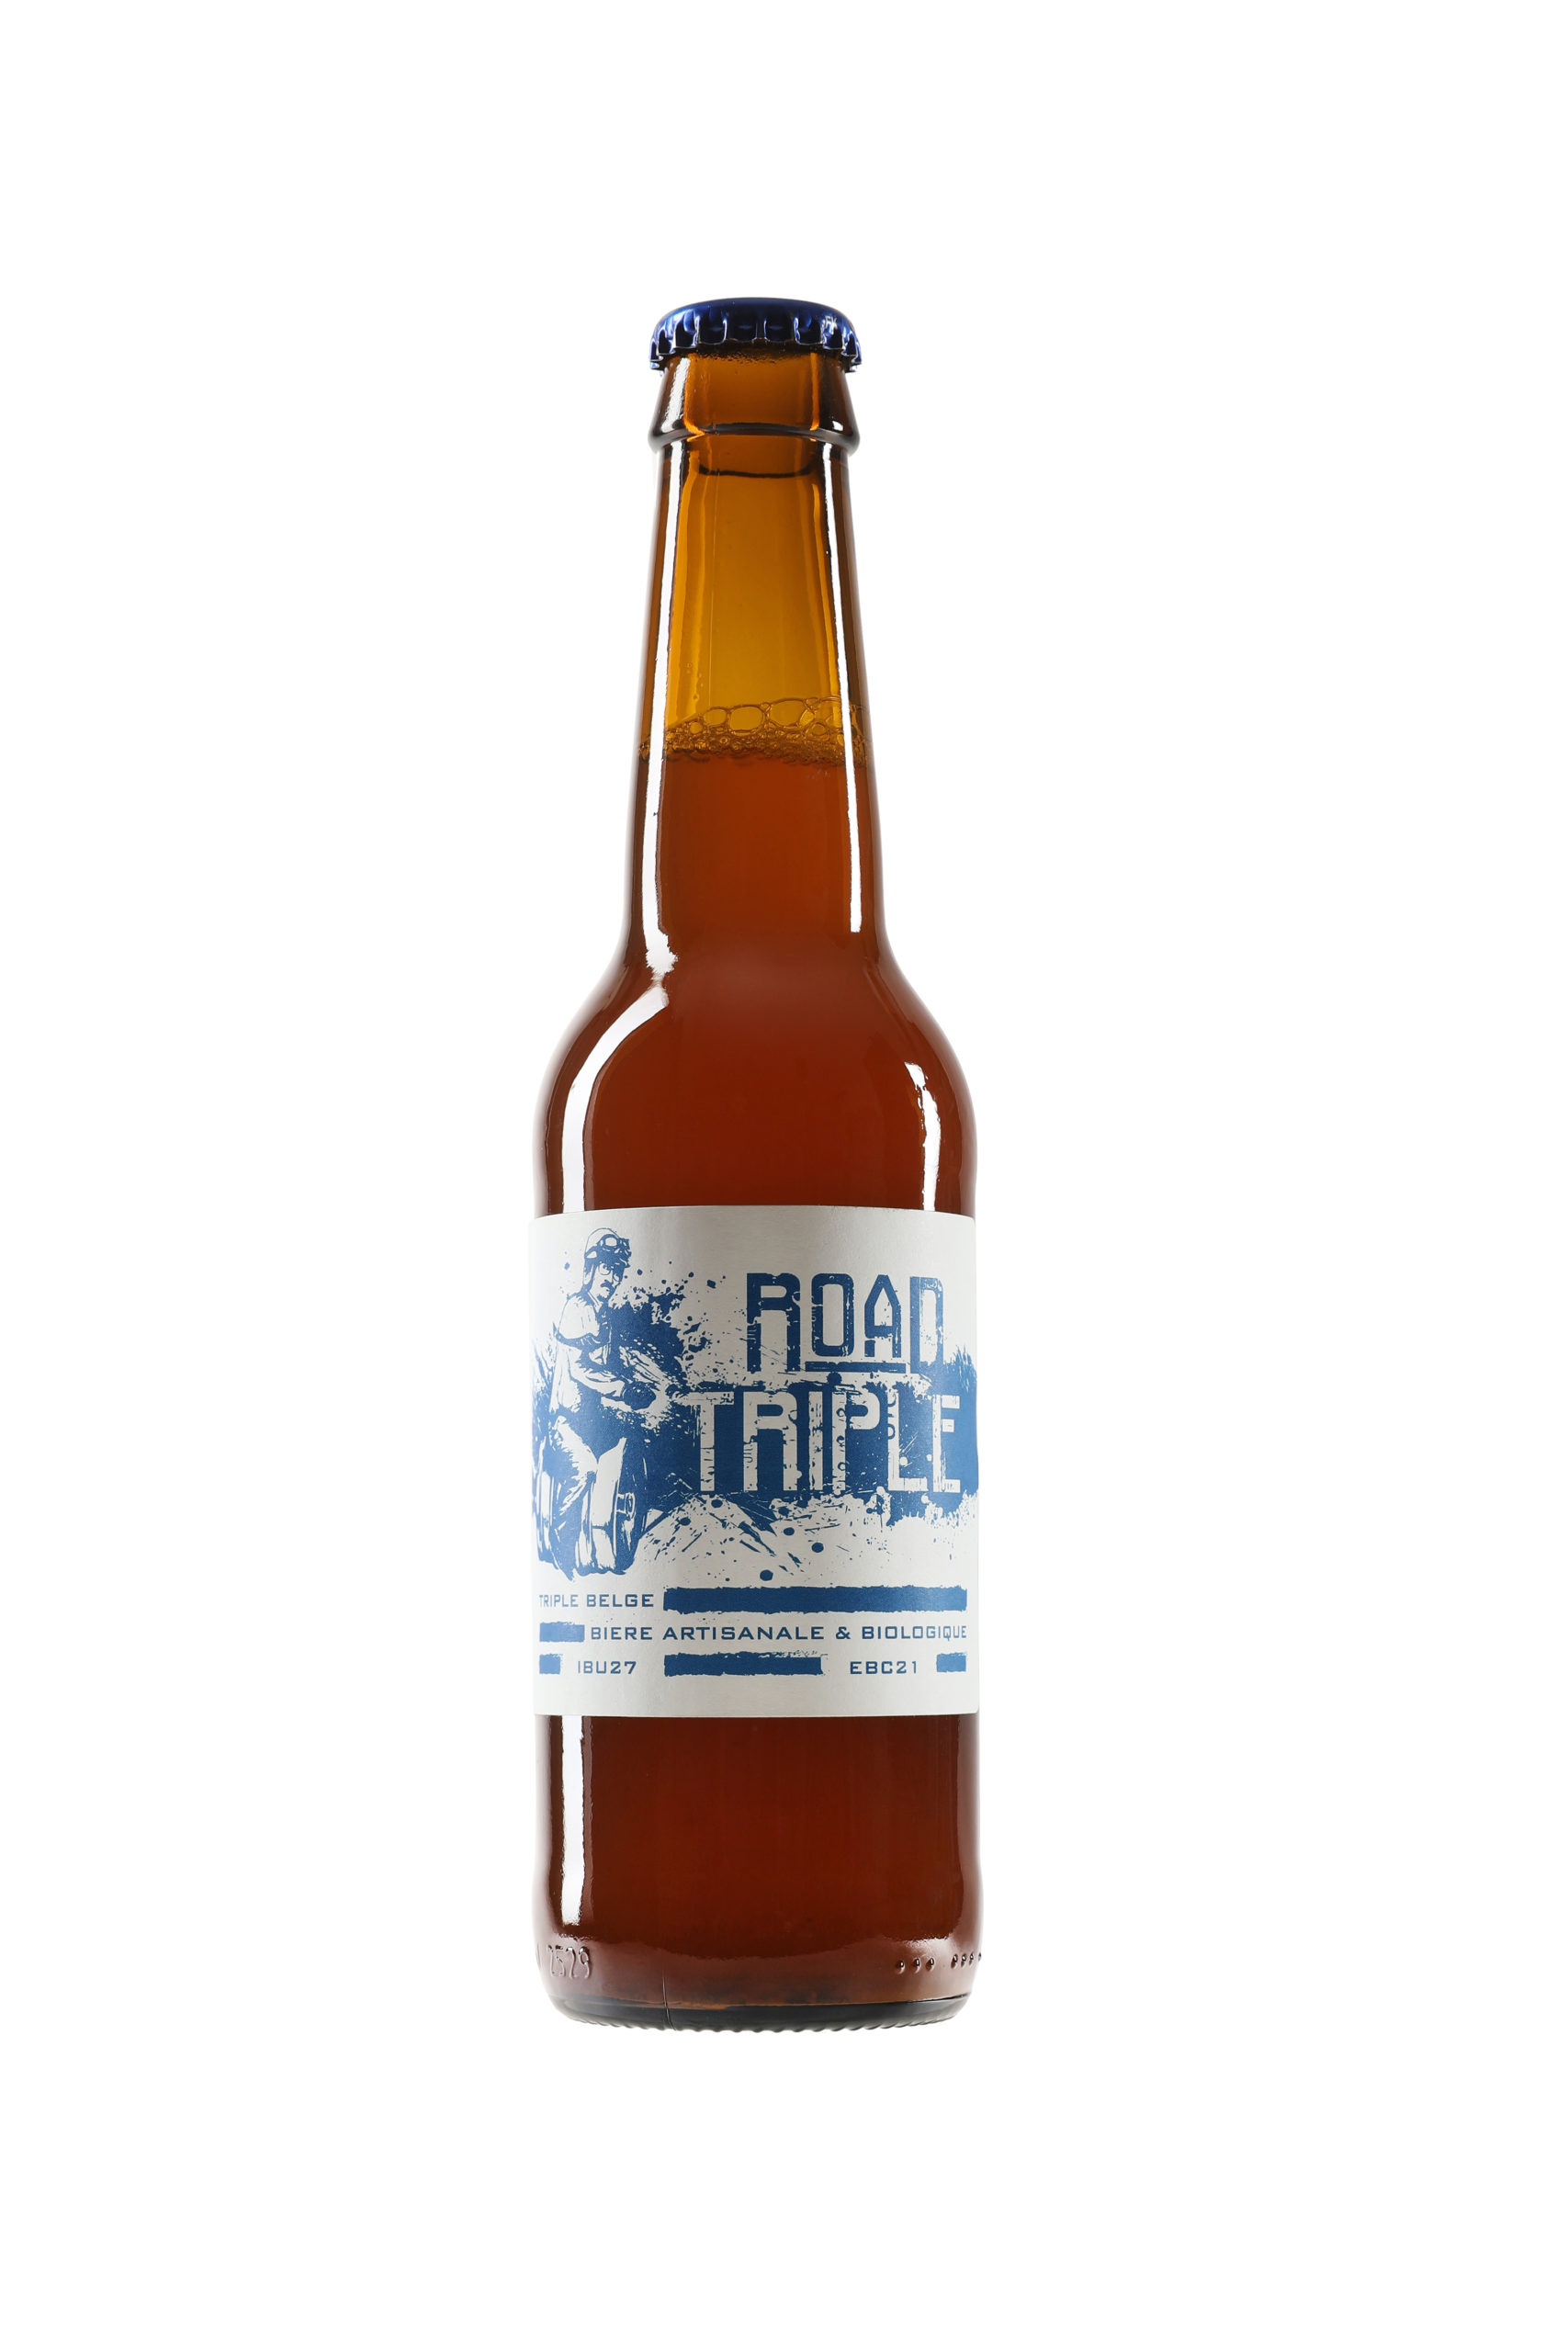 Road Triple, bière triple des acolytes